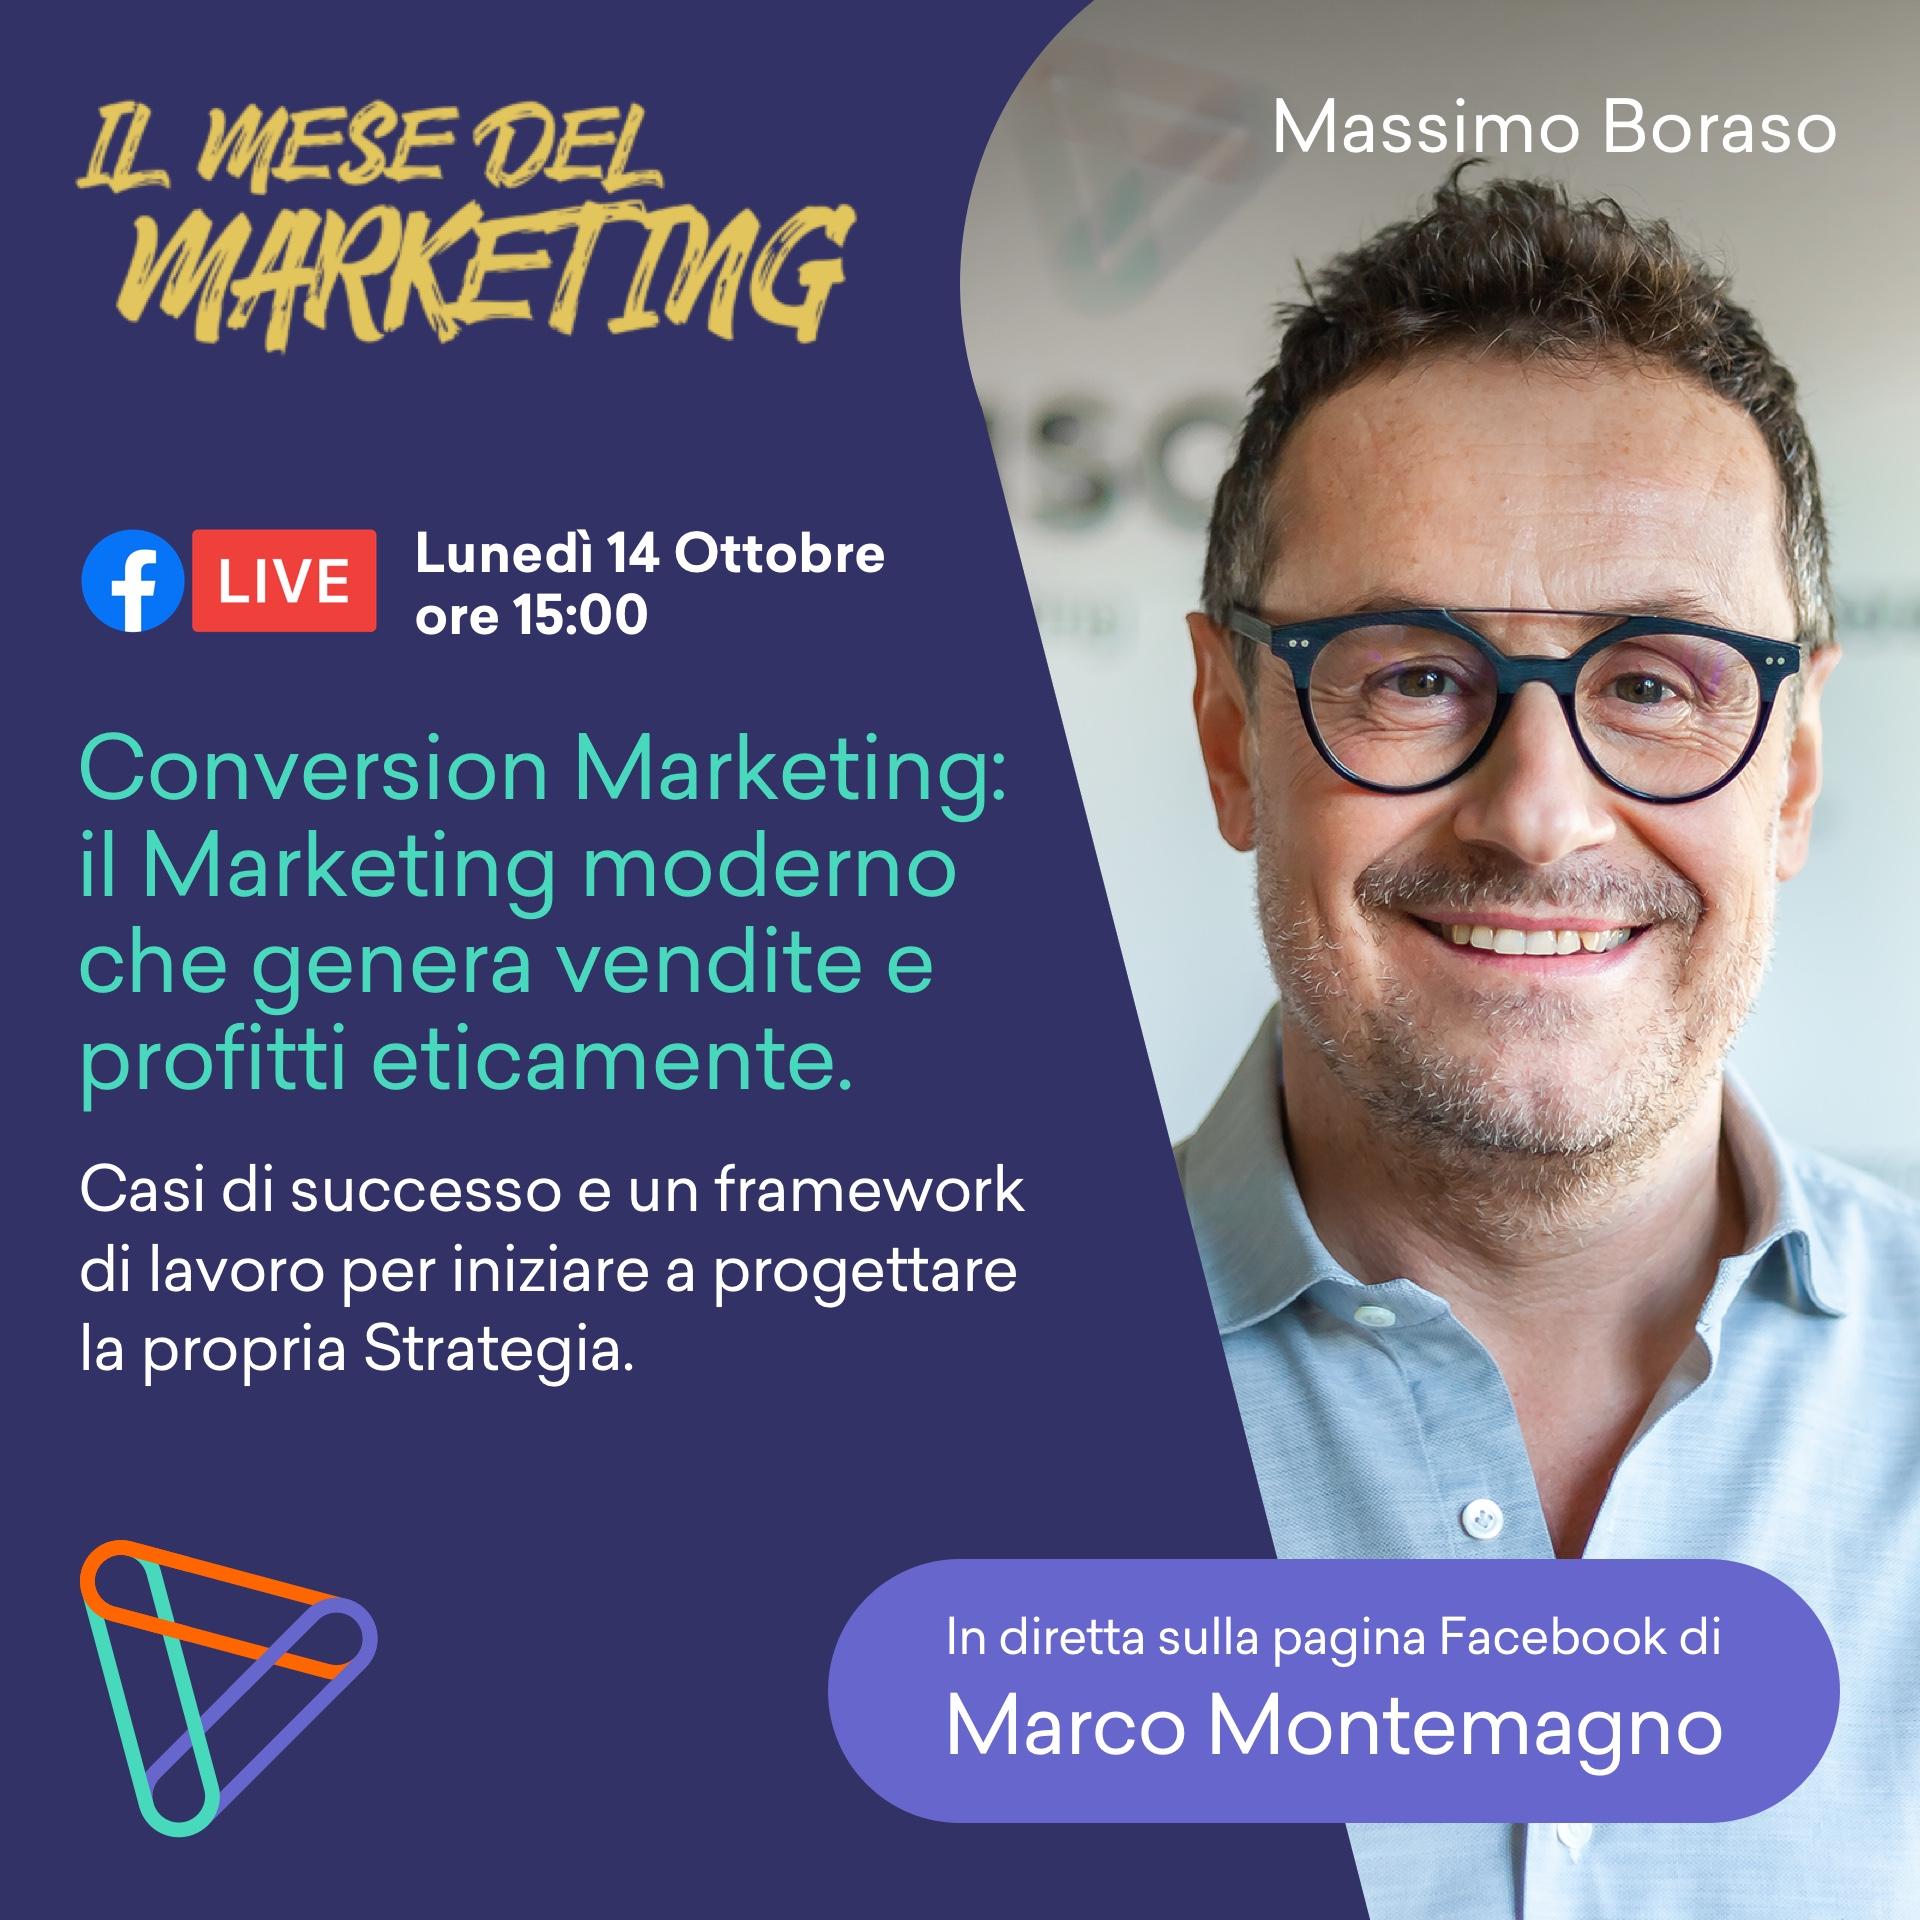 Boraso-Diretta-FB-Montemagno